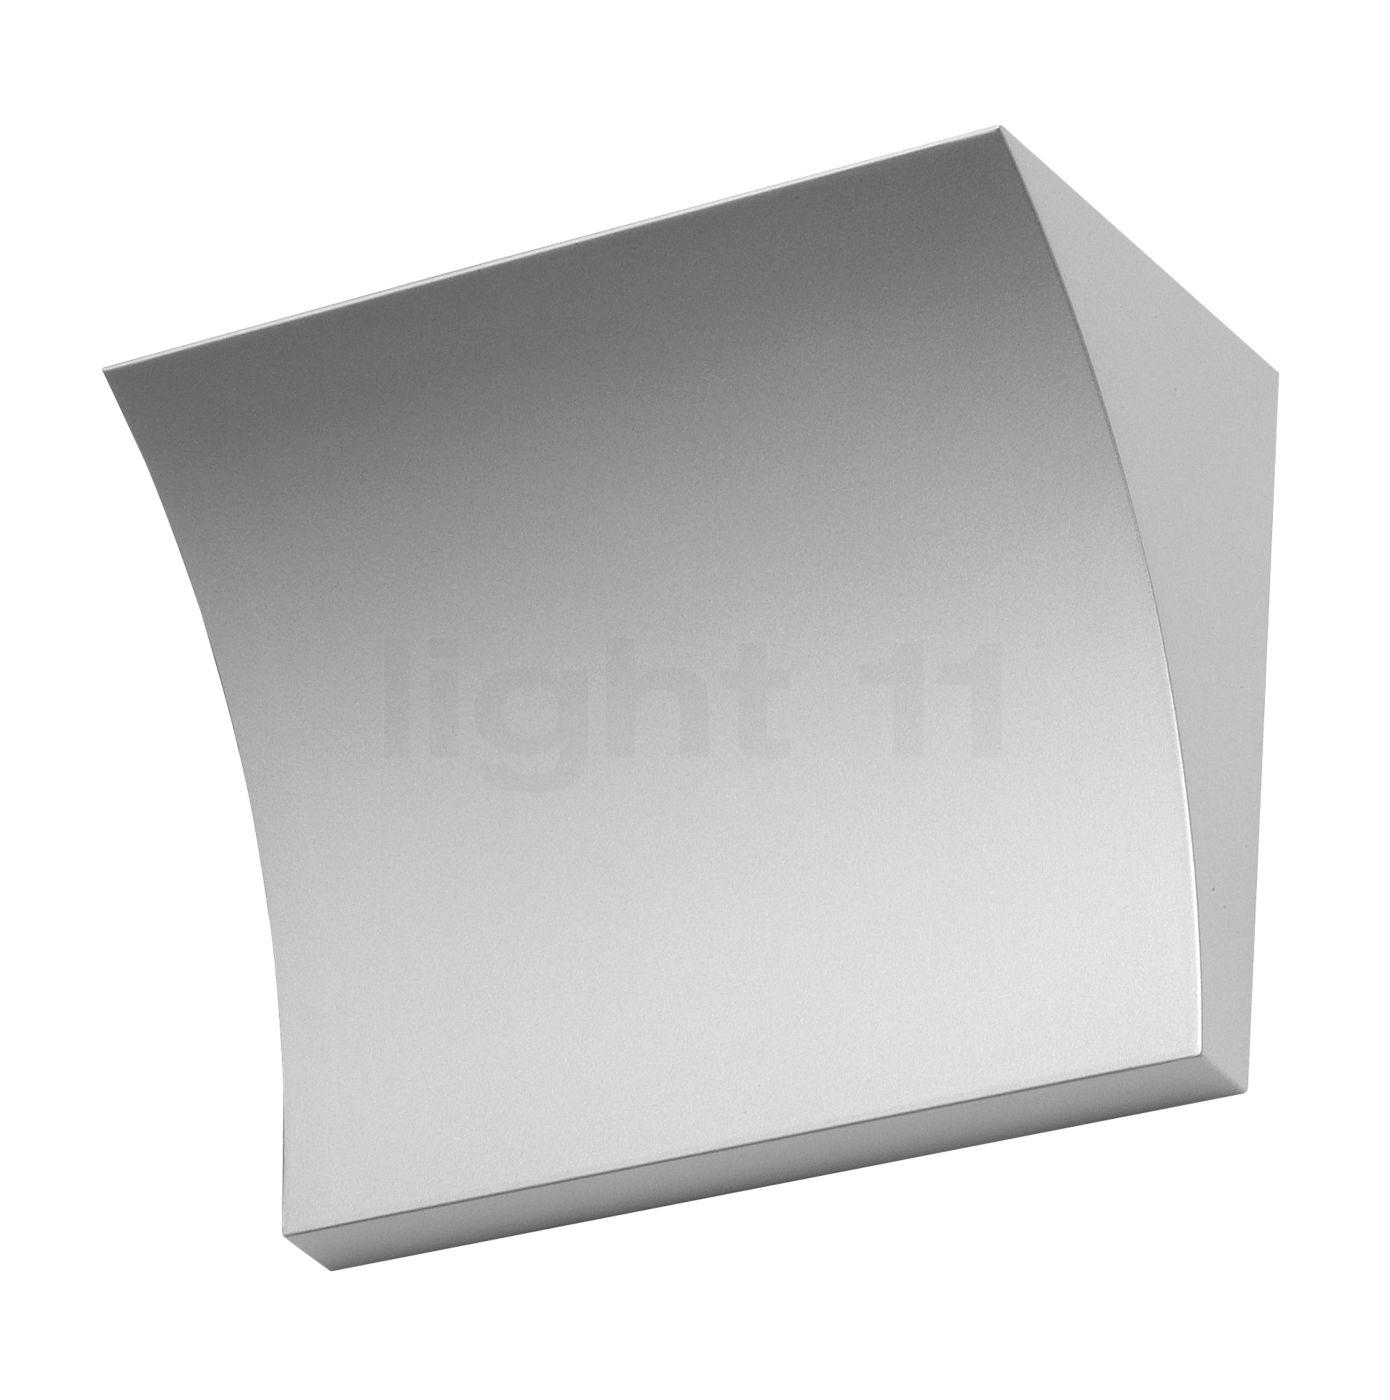 Pochette_Up_Down_Fluo_aluminium_grey--2000005200243_1_p Faszinierend Up Down Lampe Dekorationen